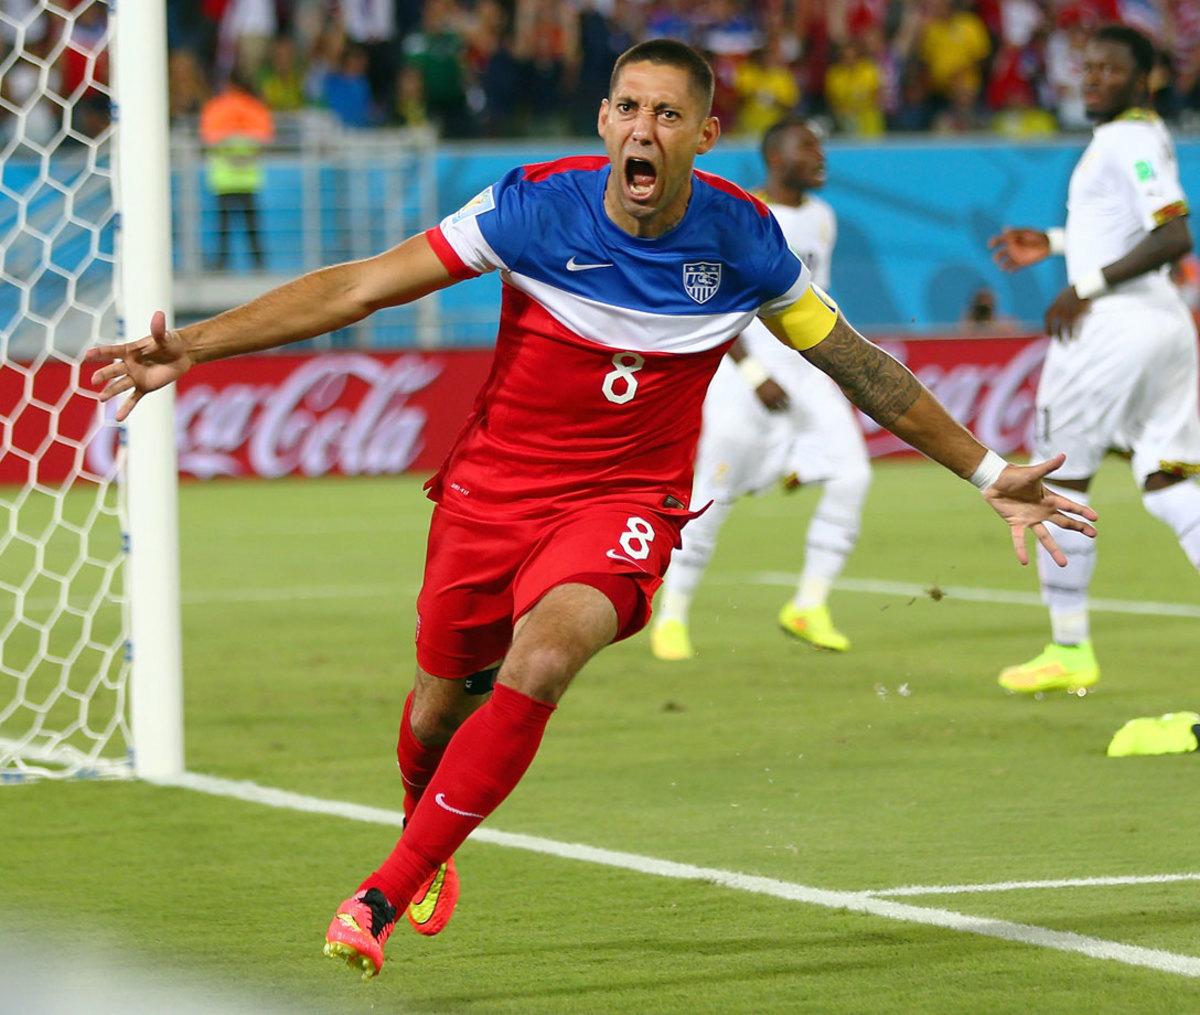 2014-USA-away-uniform-Clint-Dempsey.jpg